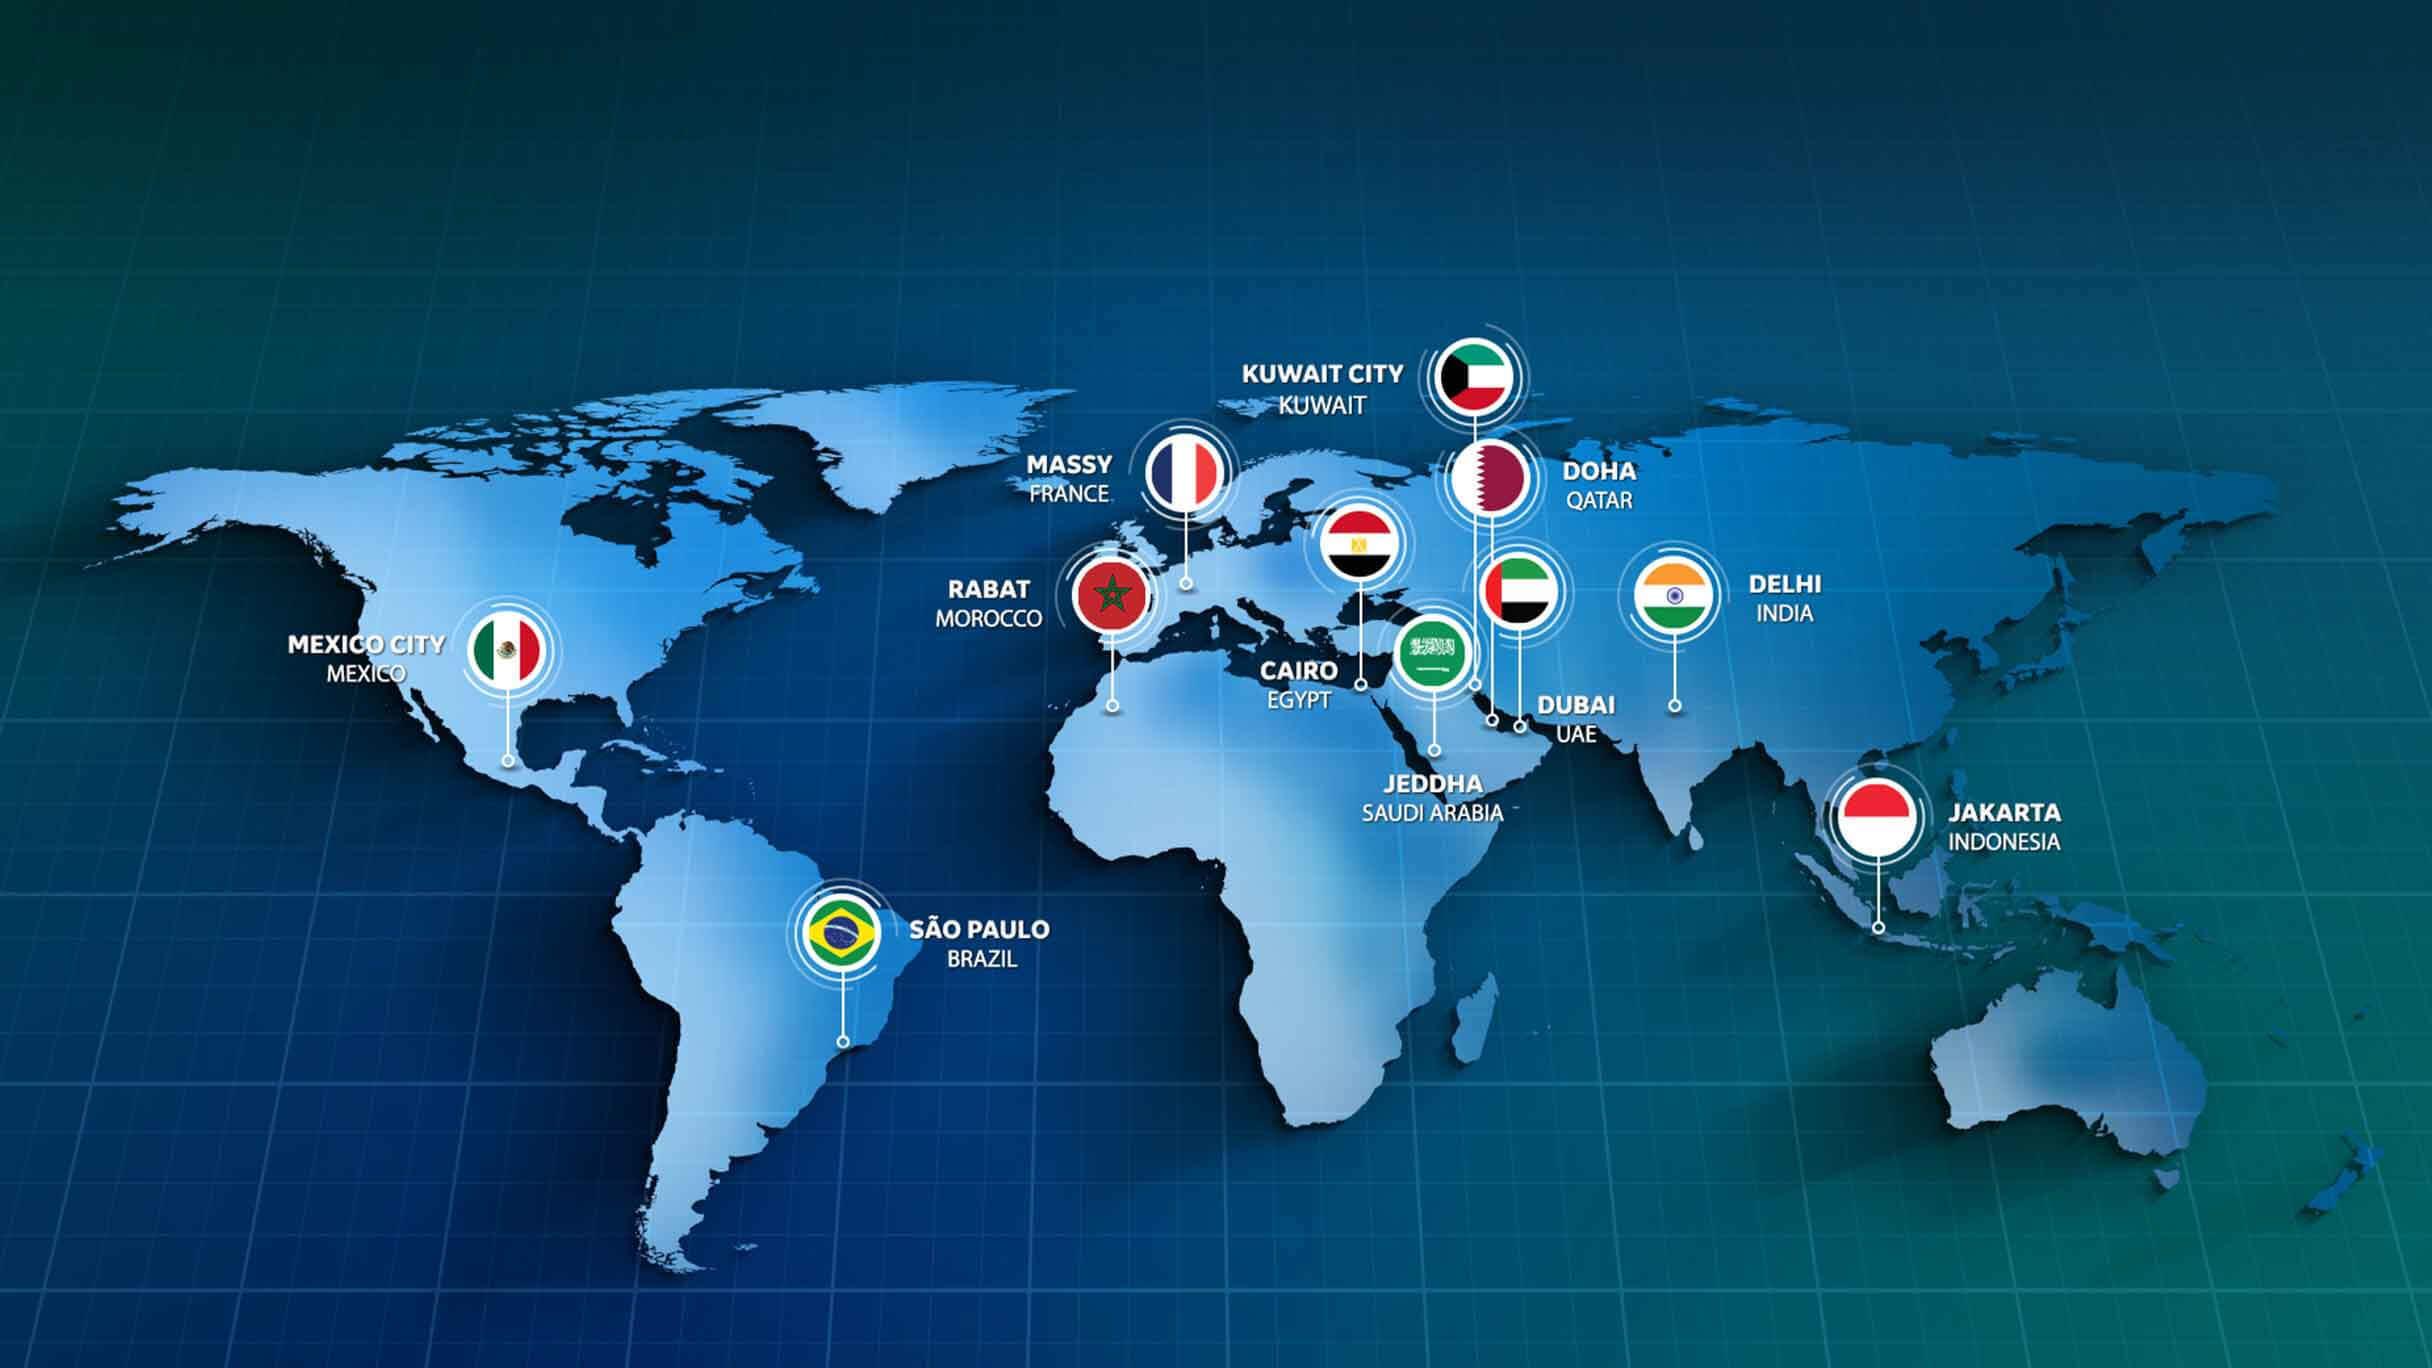 Global network   GE Power DigitalGlobal network   GE Power Digital